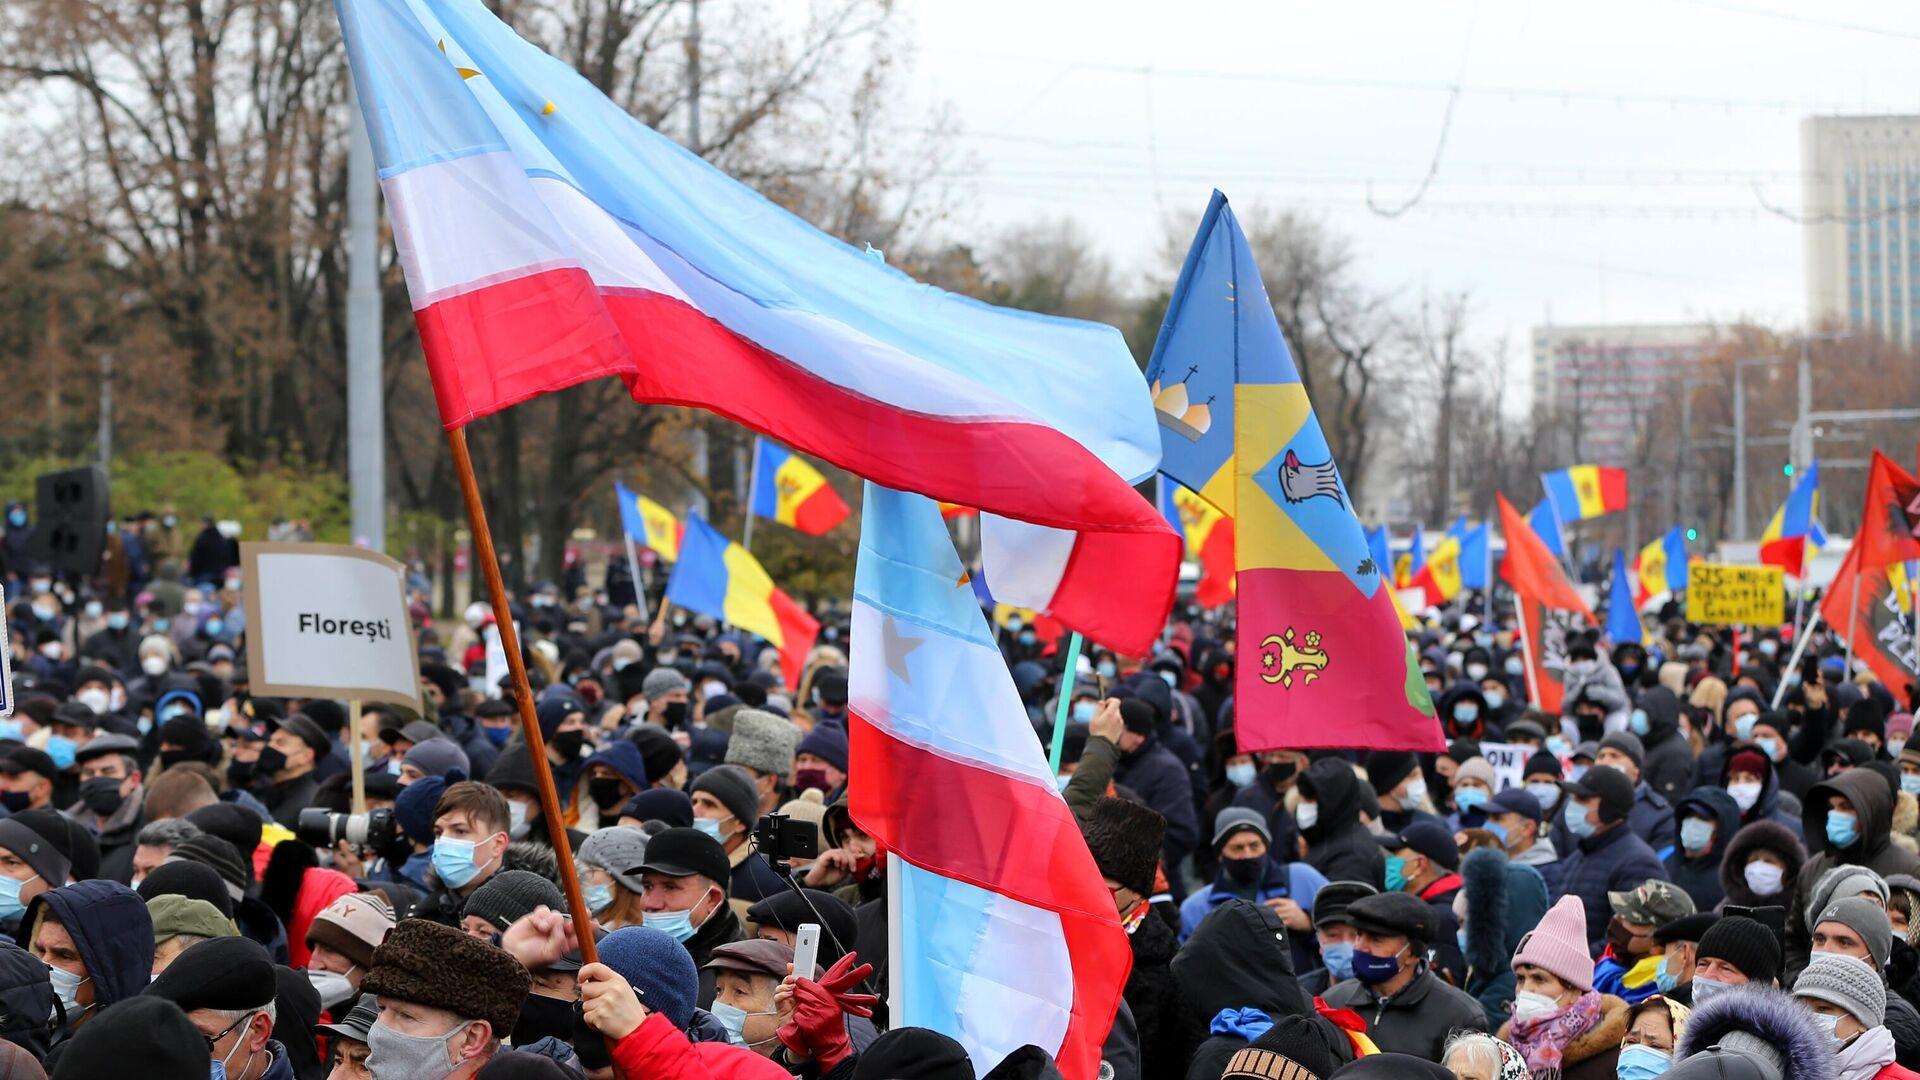 Участники антиправительственной акции, требующие проведения досрочных выборов парламента и отставки кабмина, у здания парламента в Кишиневе - РИА Новости, 1920, 06.12.2020